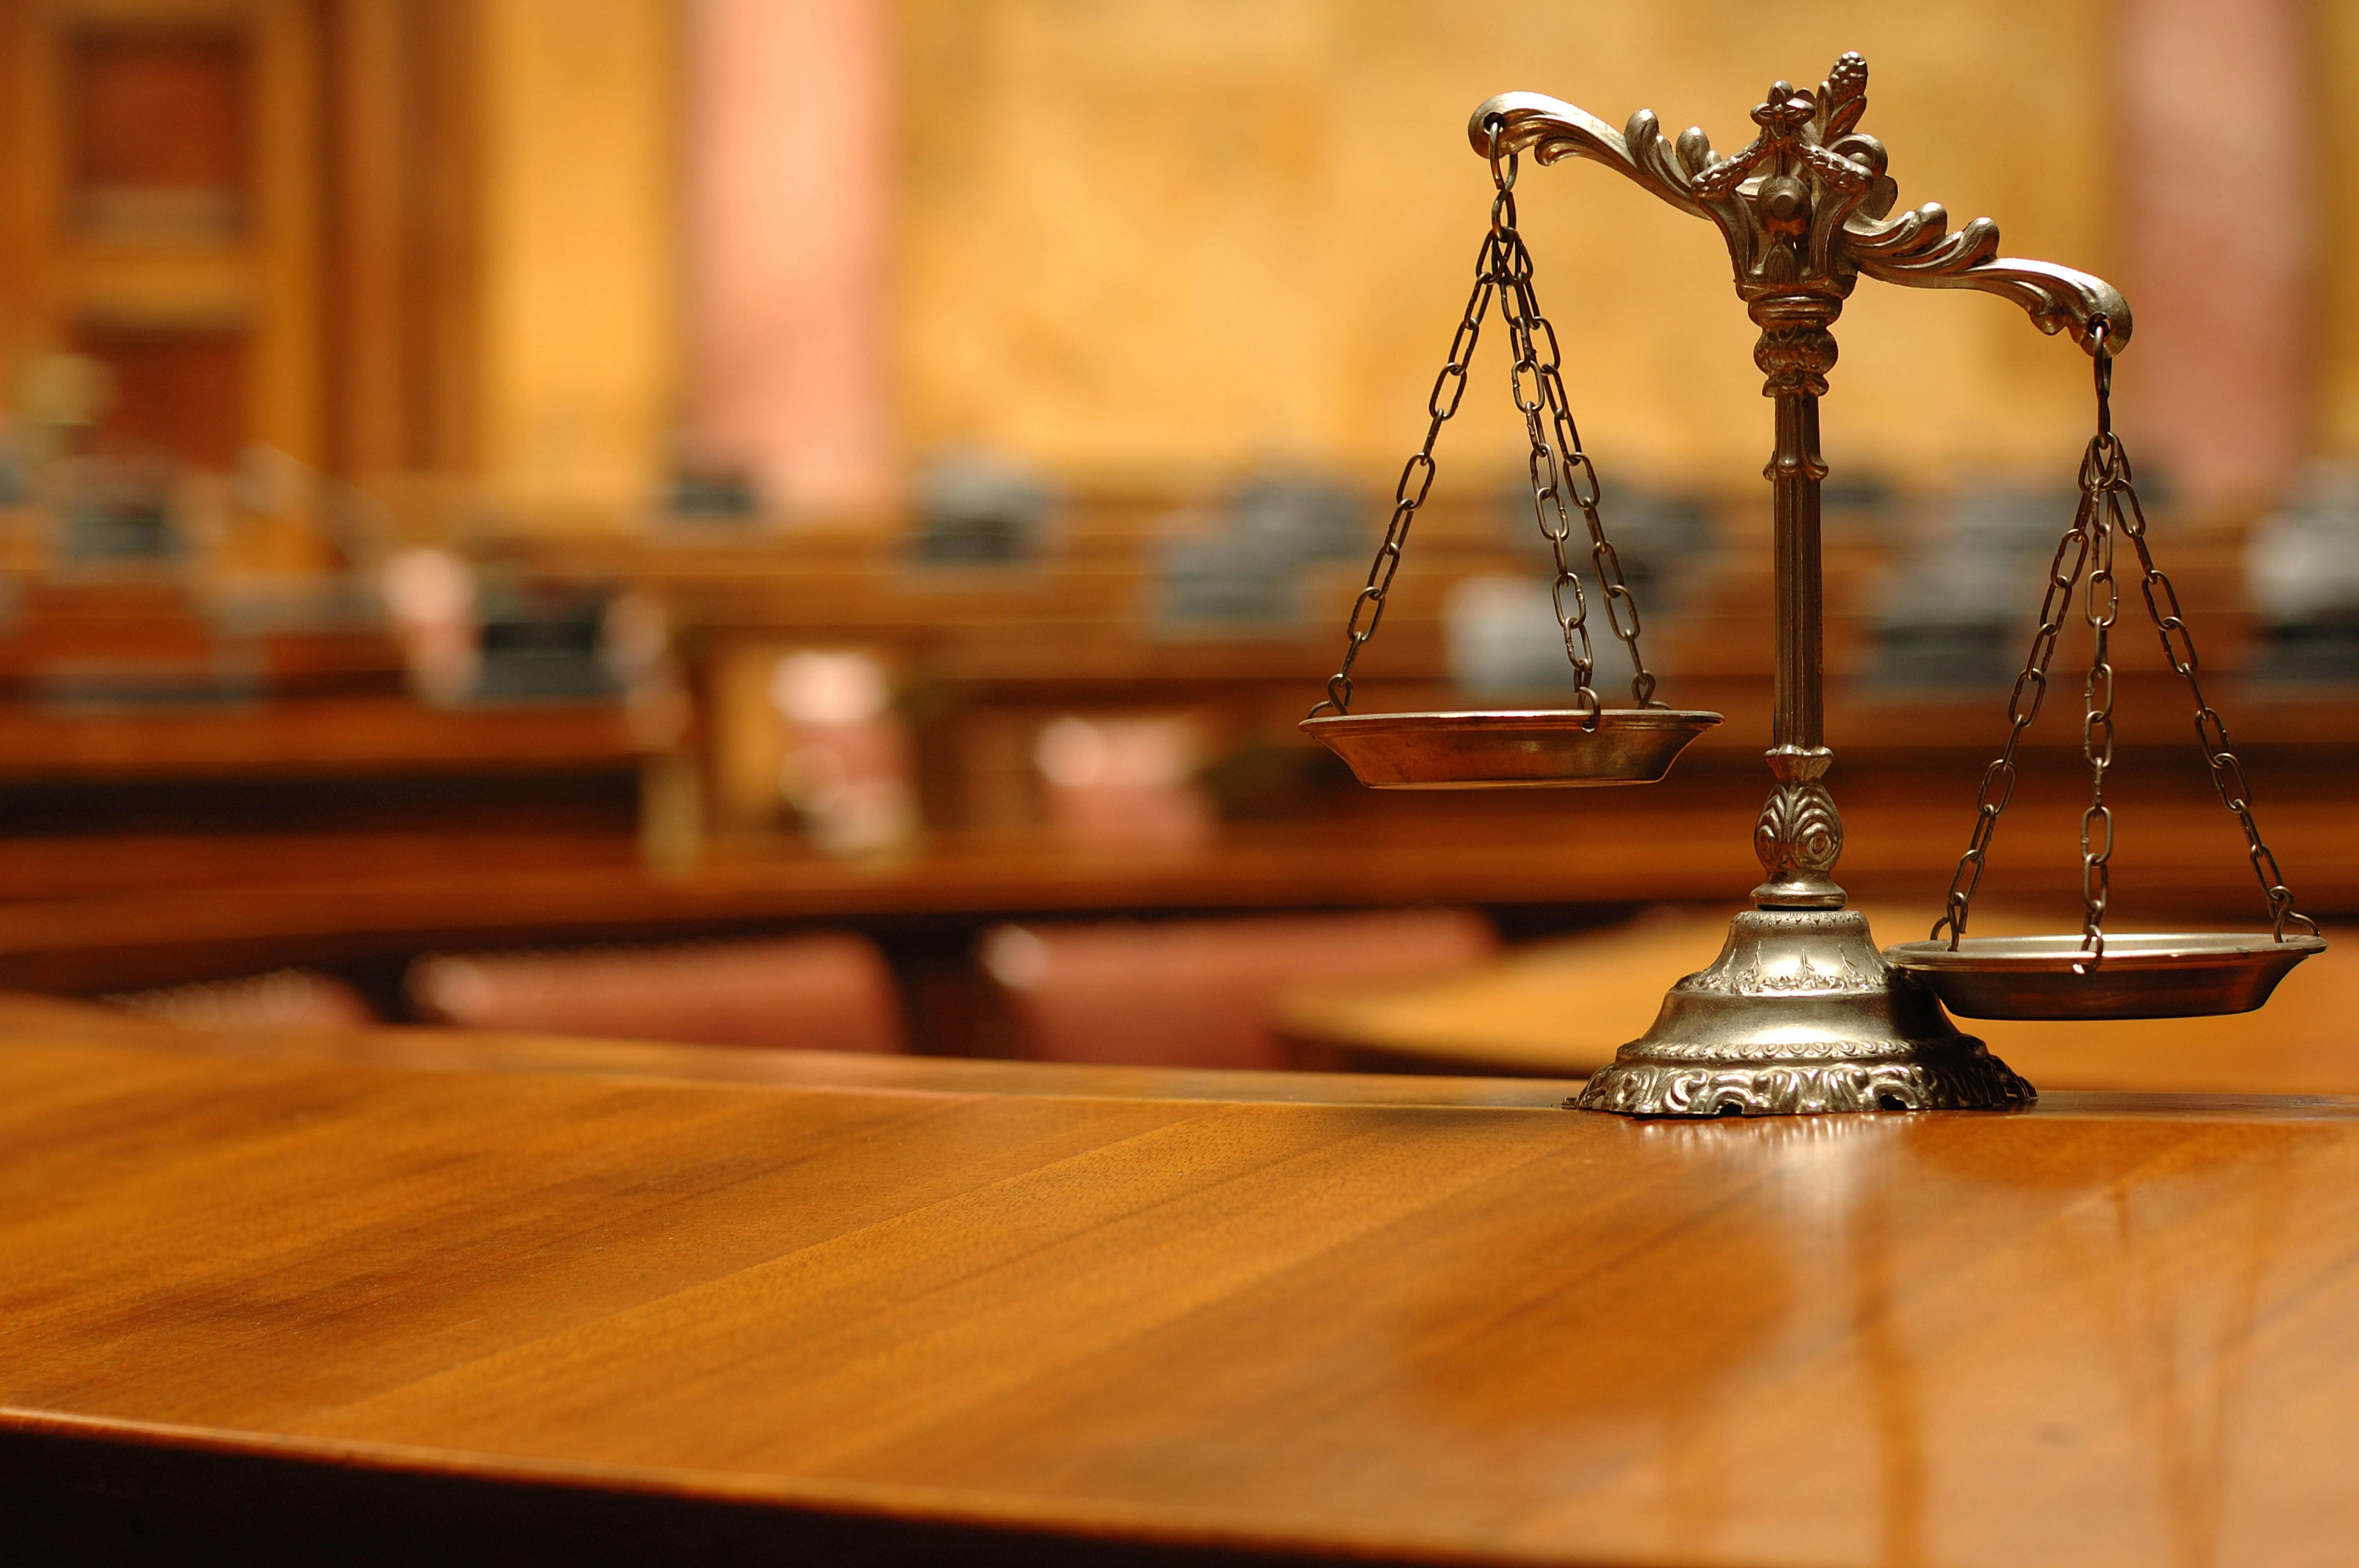 В Севастополе местный житель соврал в суде, чтобы помочь своему другу – насильнику